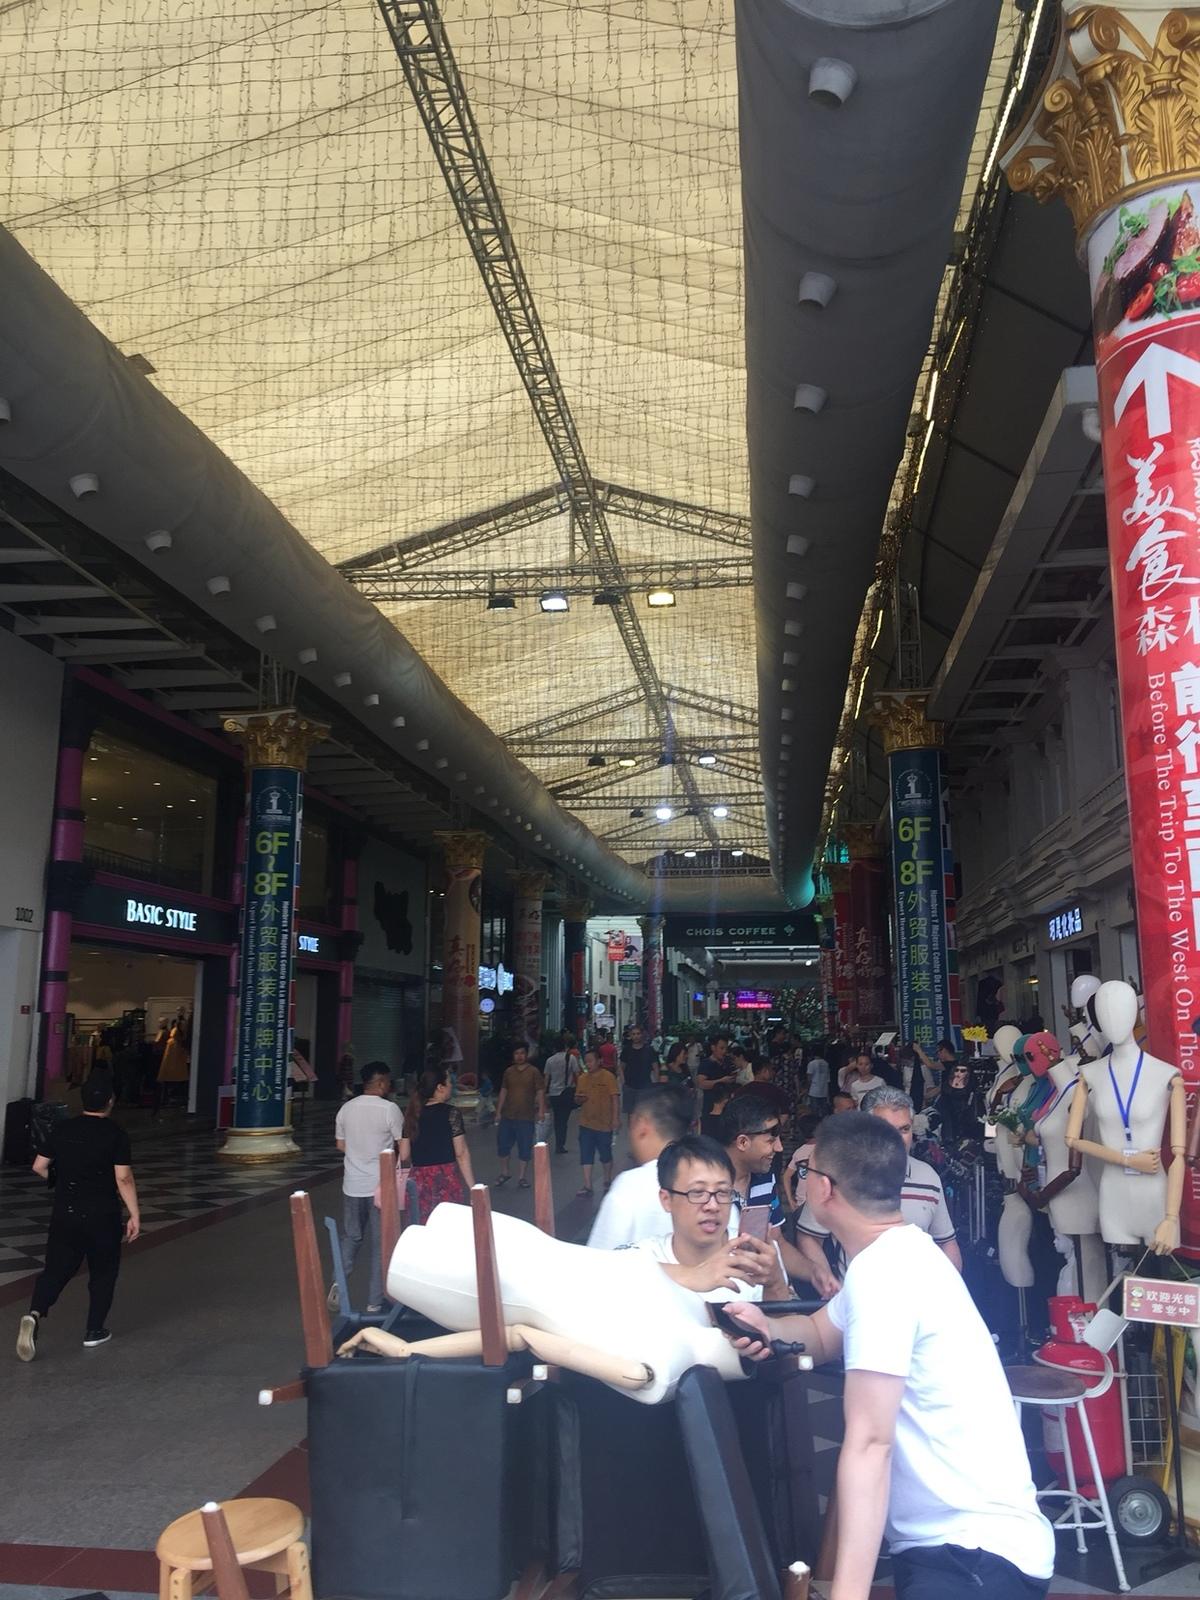 اجمل مدن العالم الصين 474219 المسافرون العرب